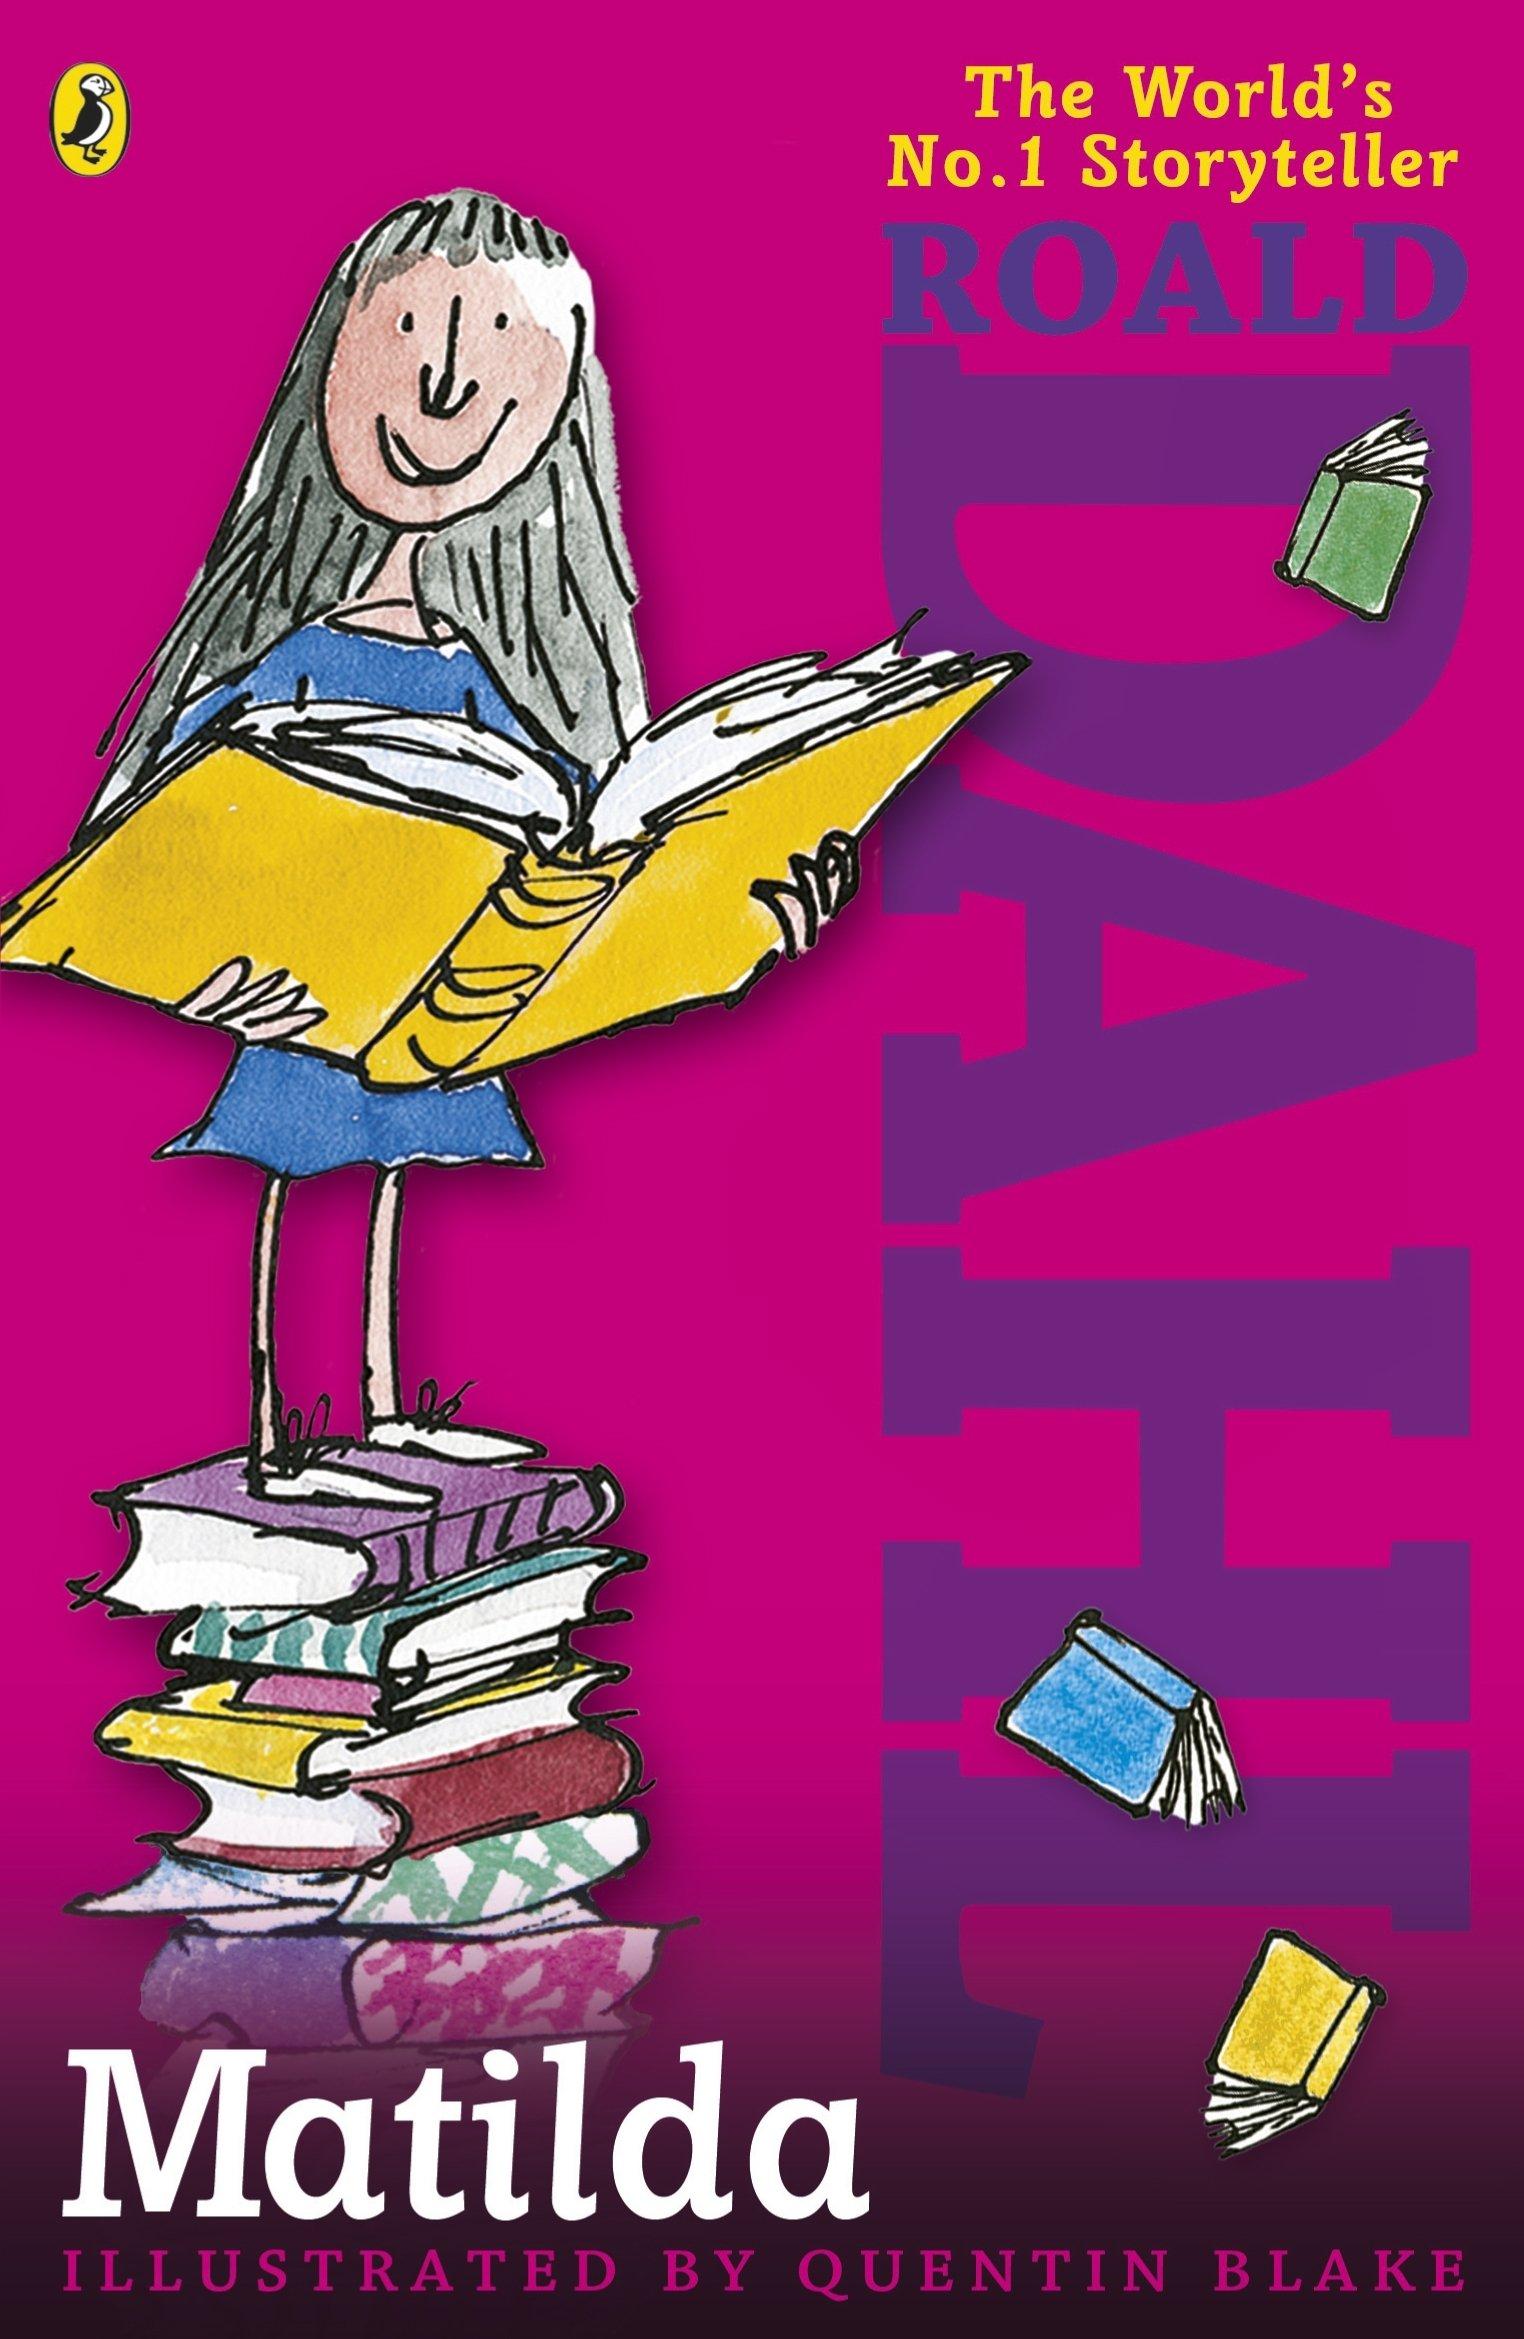 Matilda: Amazon.es: Roald Dahl, Quentin Blake: Libros en idiomas extranjeros